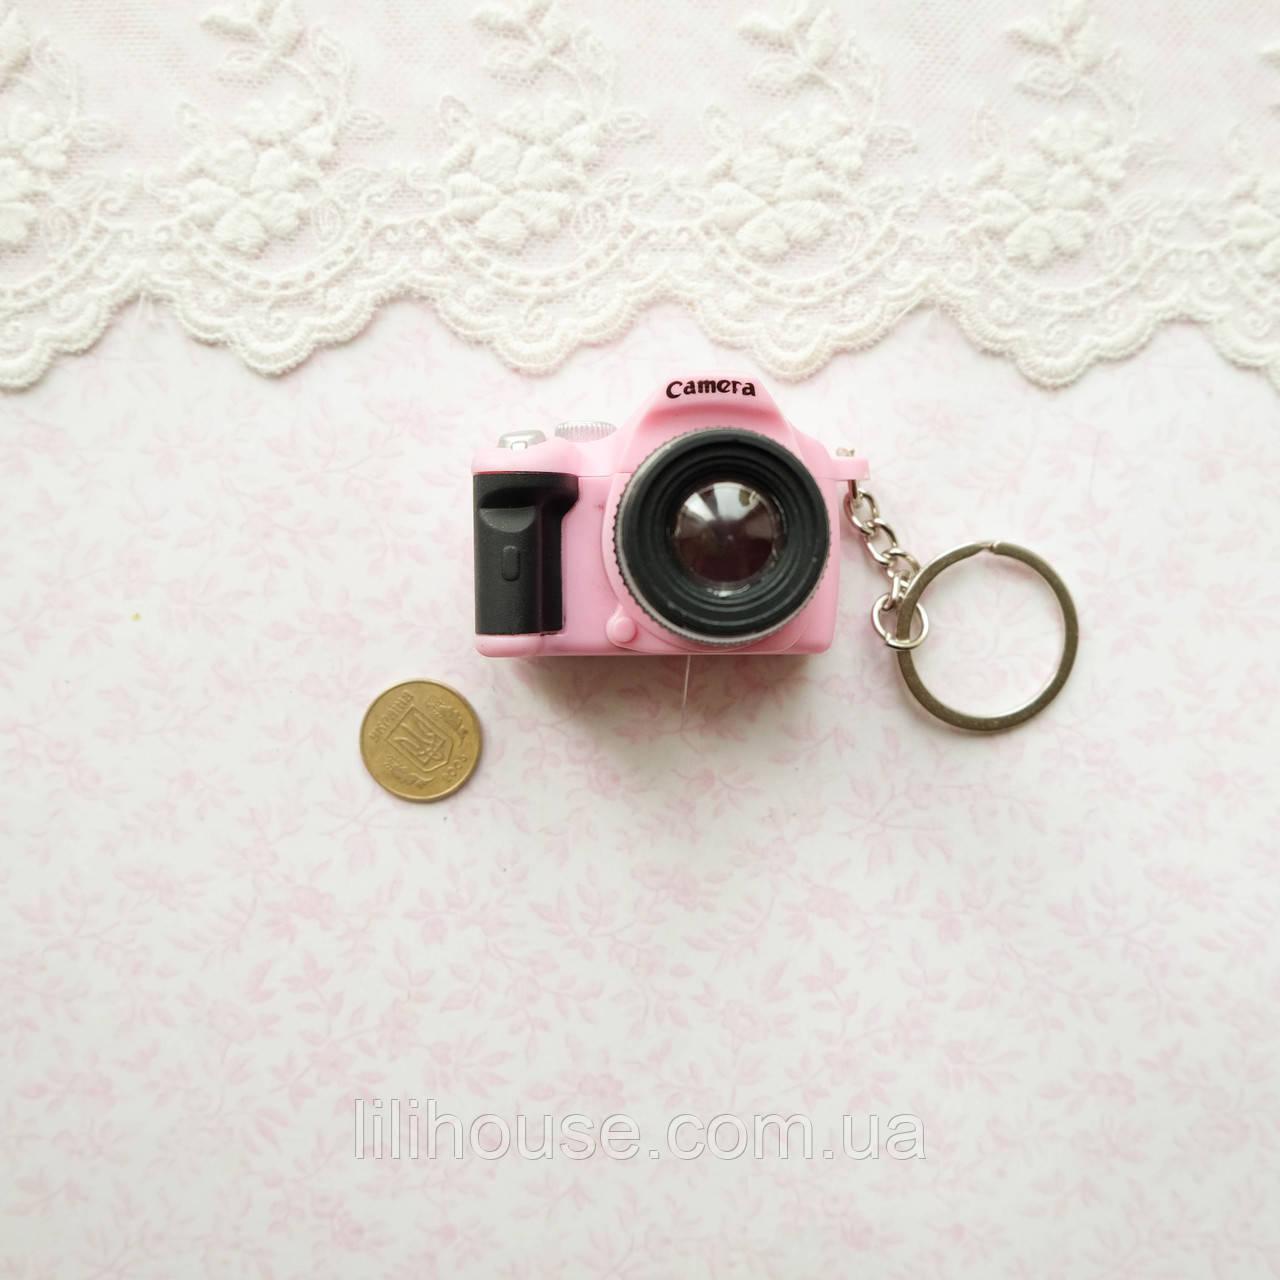 Миниатюра Фотоаппарат 4*5*3 см РОЗОВЫЙ